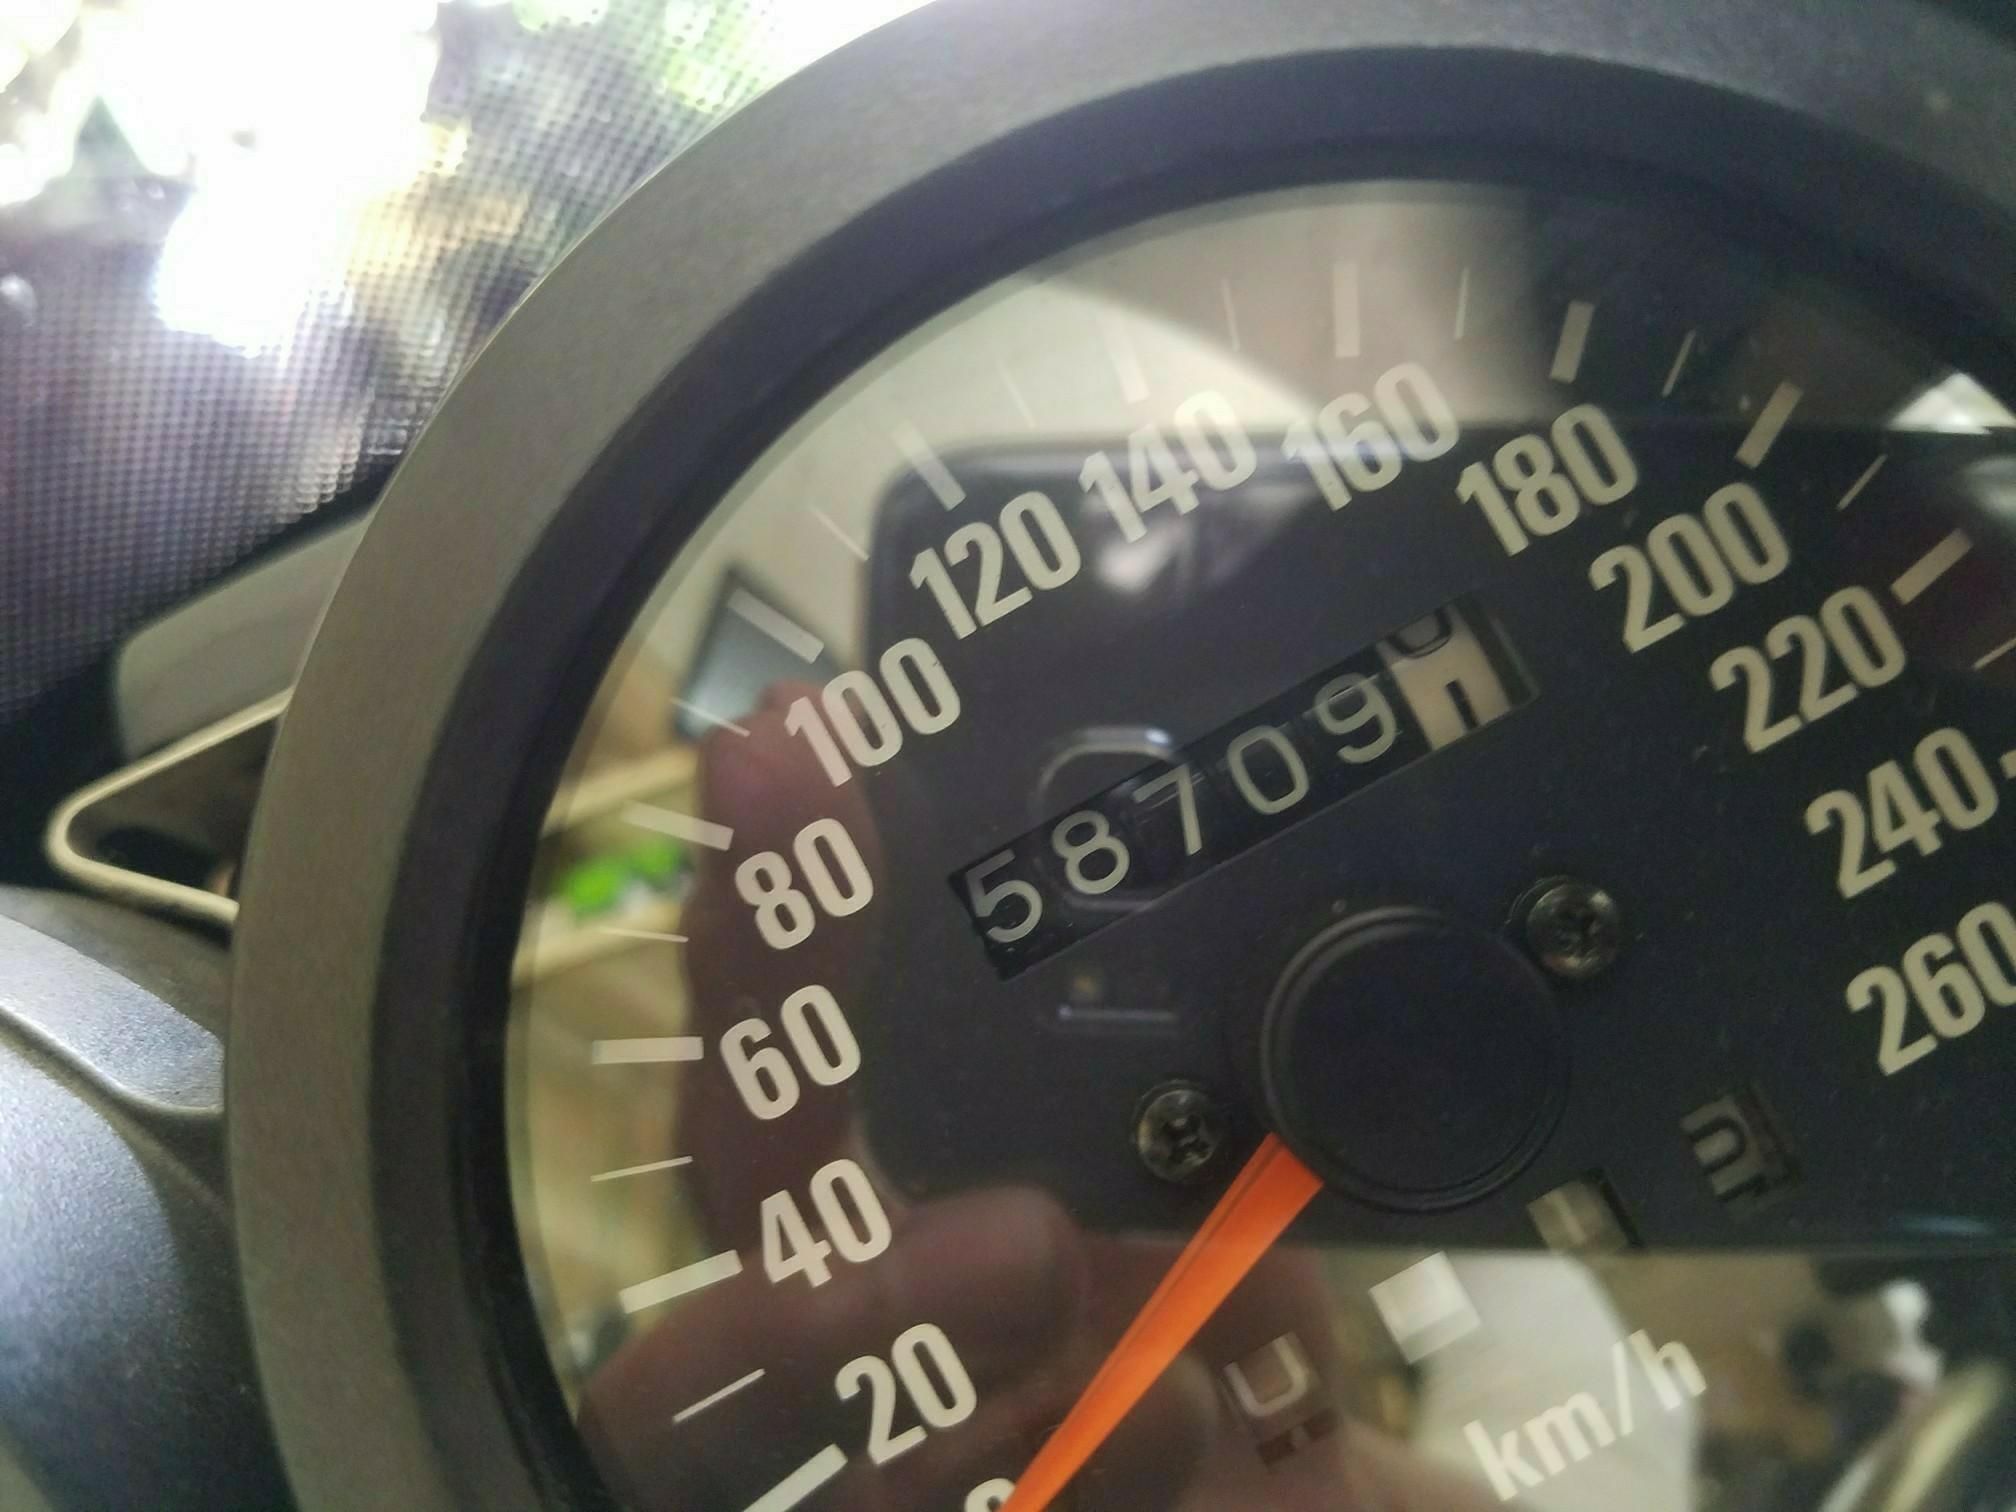 モチュール・300V交換 総走行距離 58,709km。